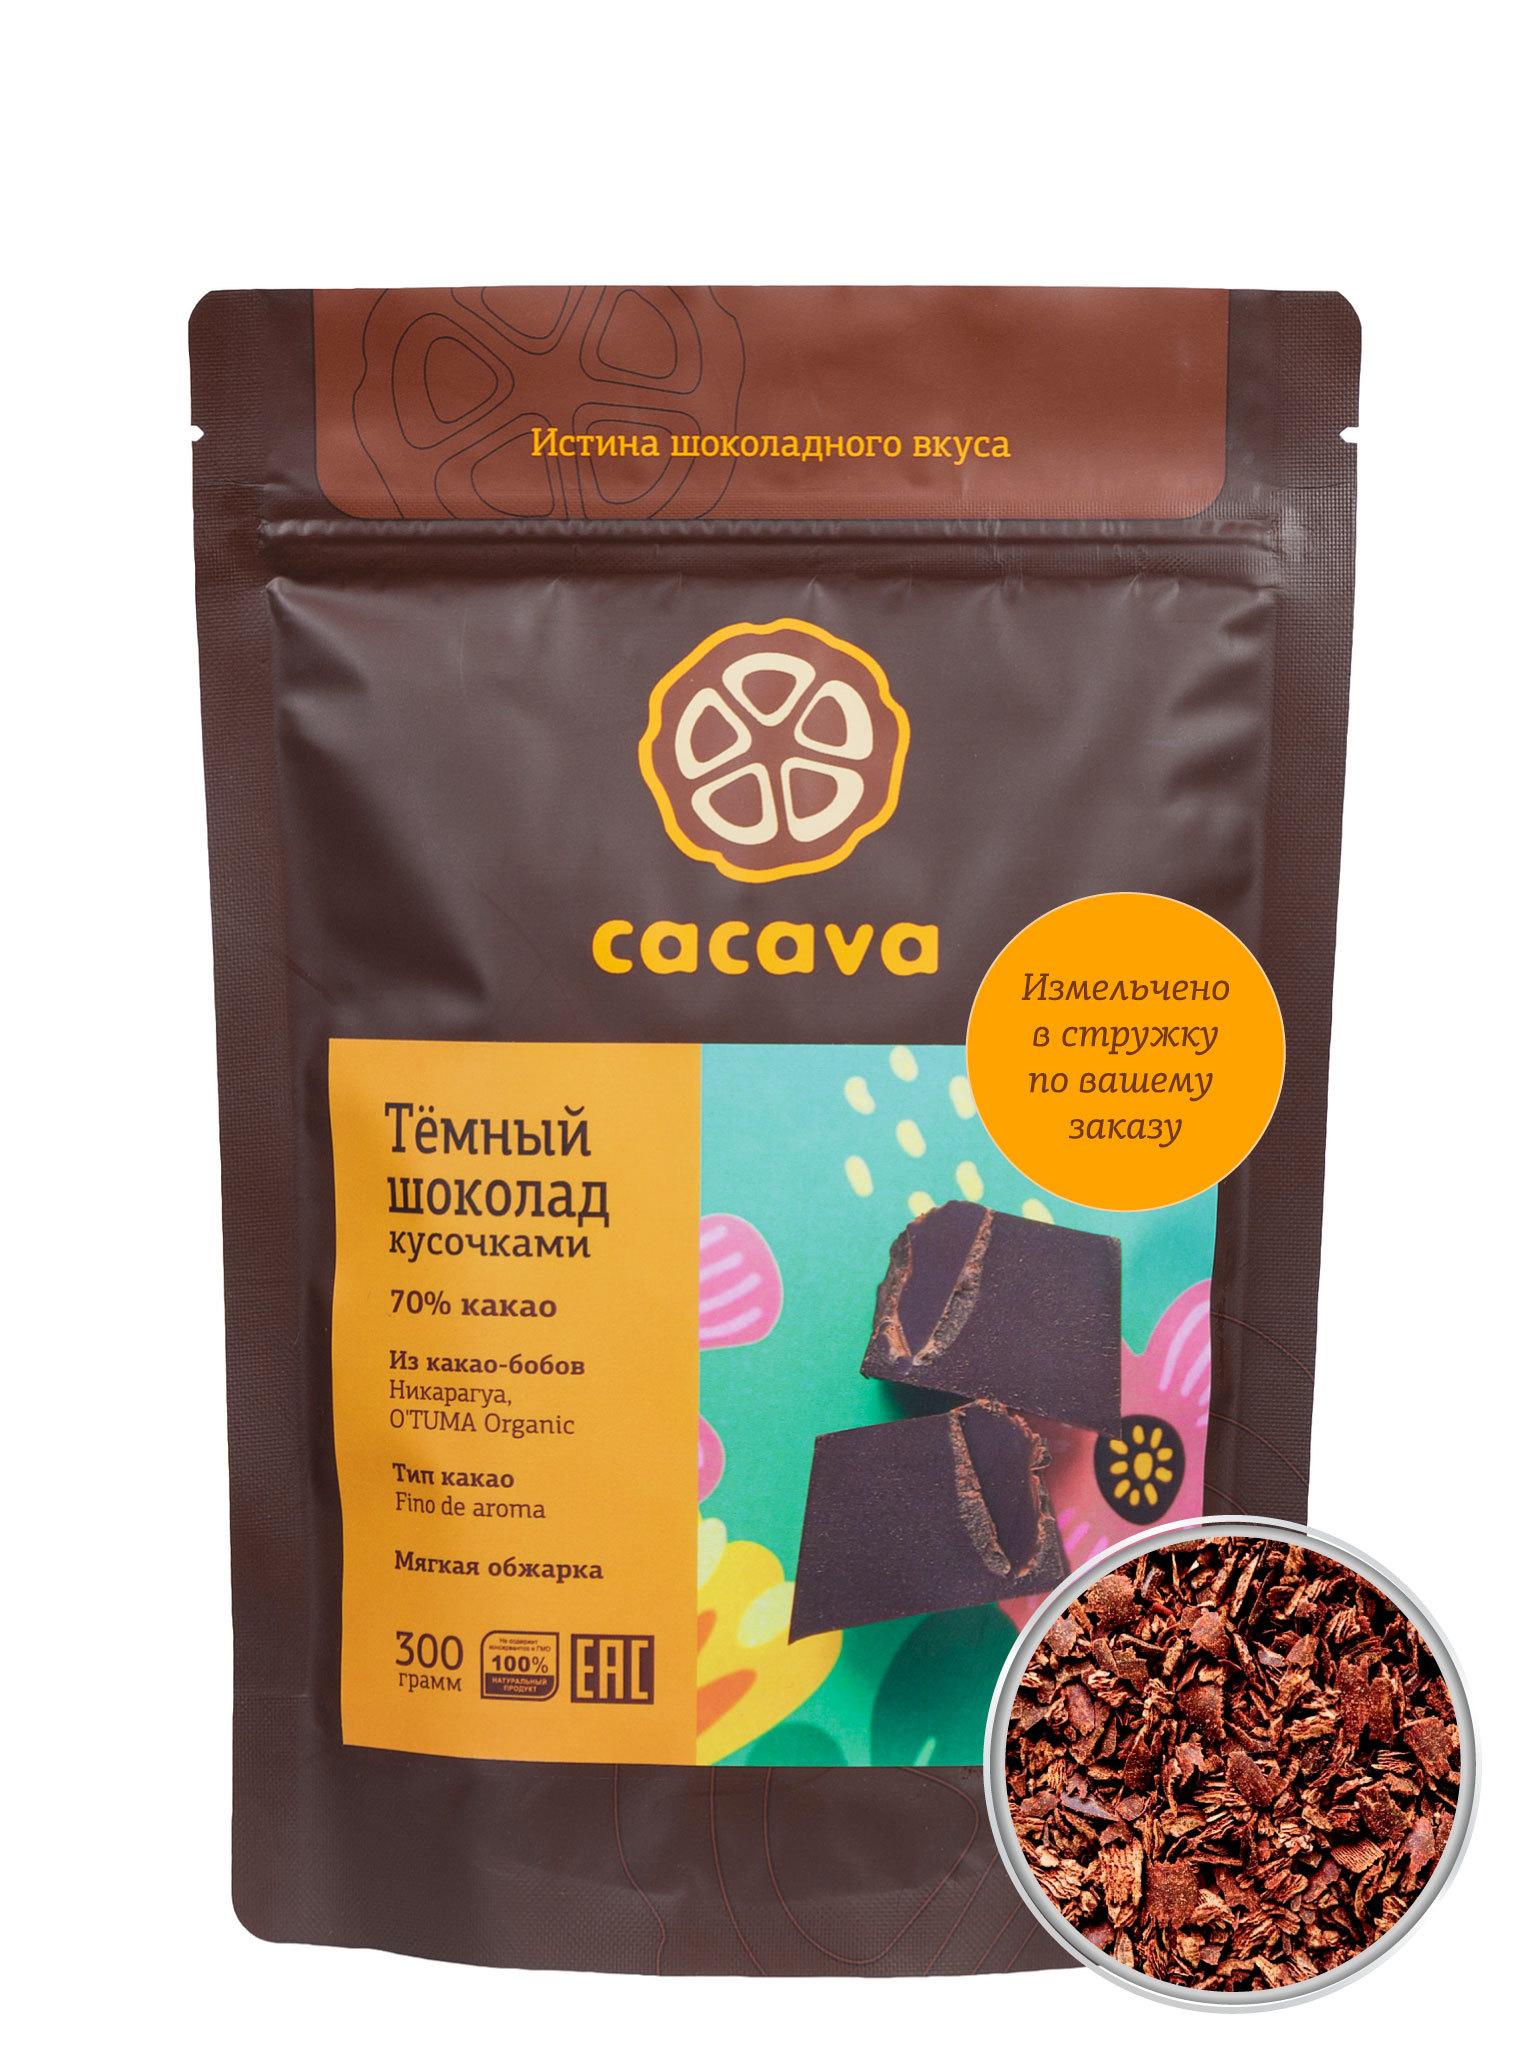 Тёмный шоколад 70 % какао в стружке (Никарагуа O'Tuma), упаковка 300 грамм